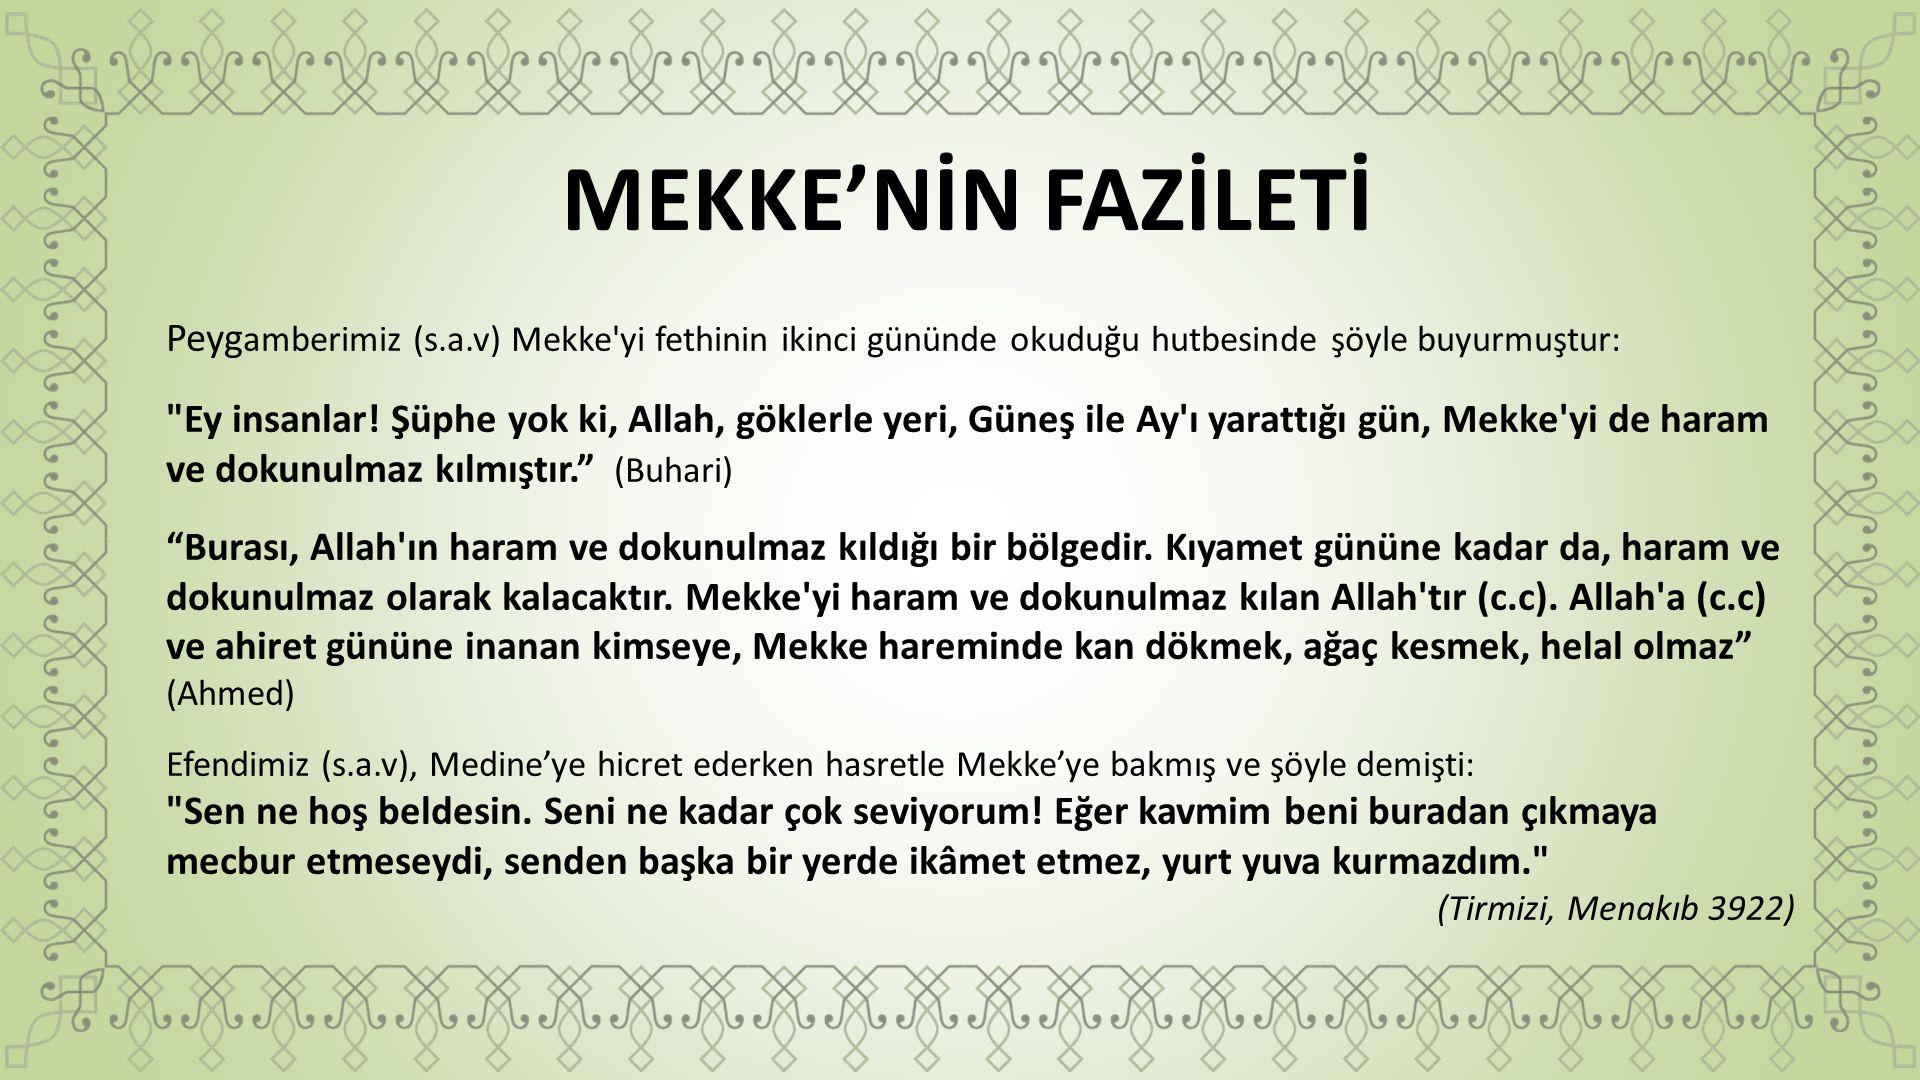 MEKKE'NİN FAZİLETİ Peyg amberimiz (s.a.v) Mekke'yi fethinin ikinci gününde okuduğu hutbesinde şöyle buyurmuştur: